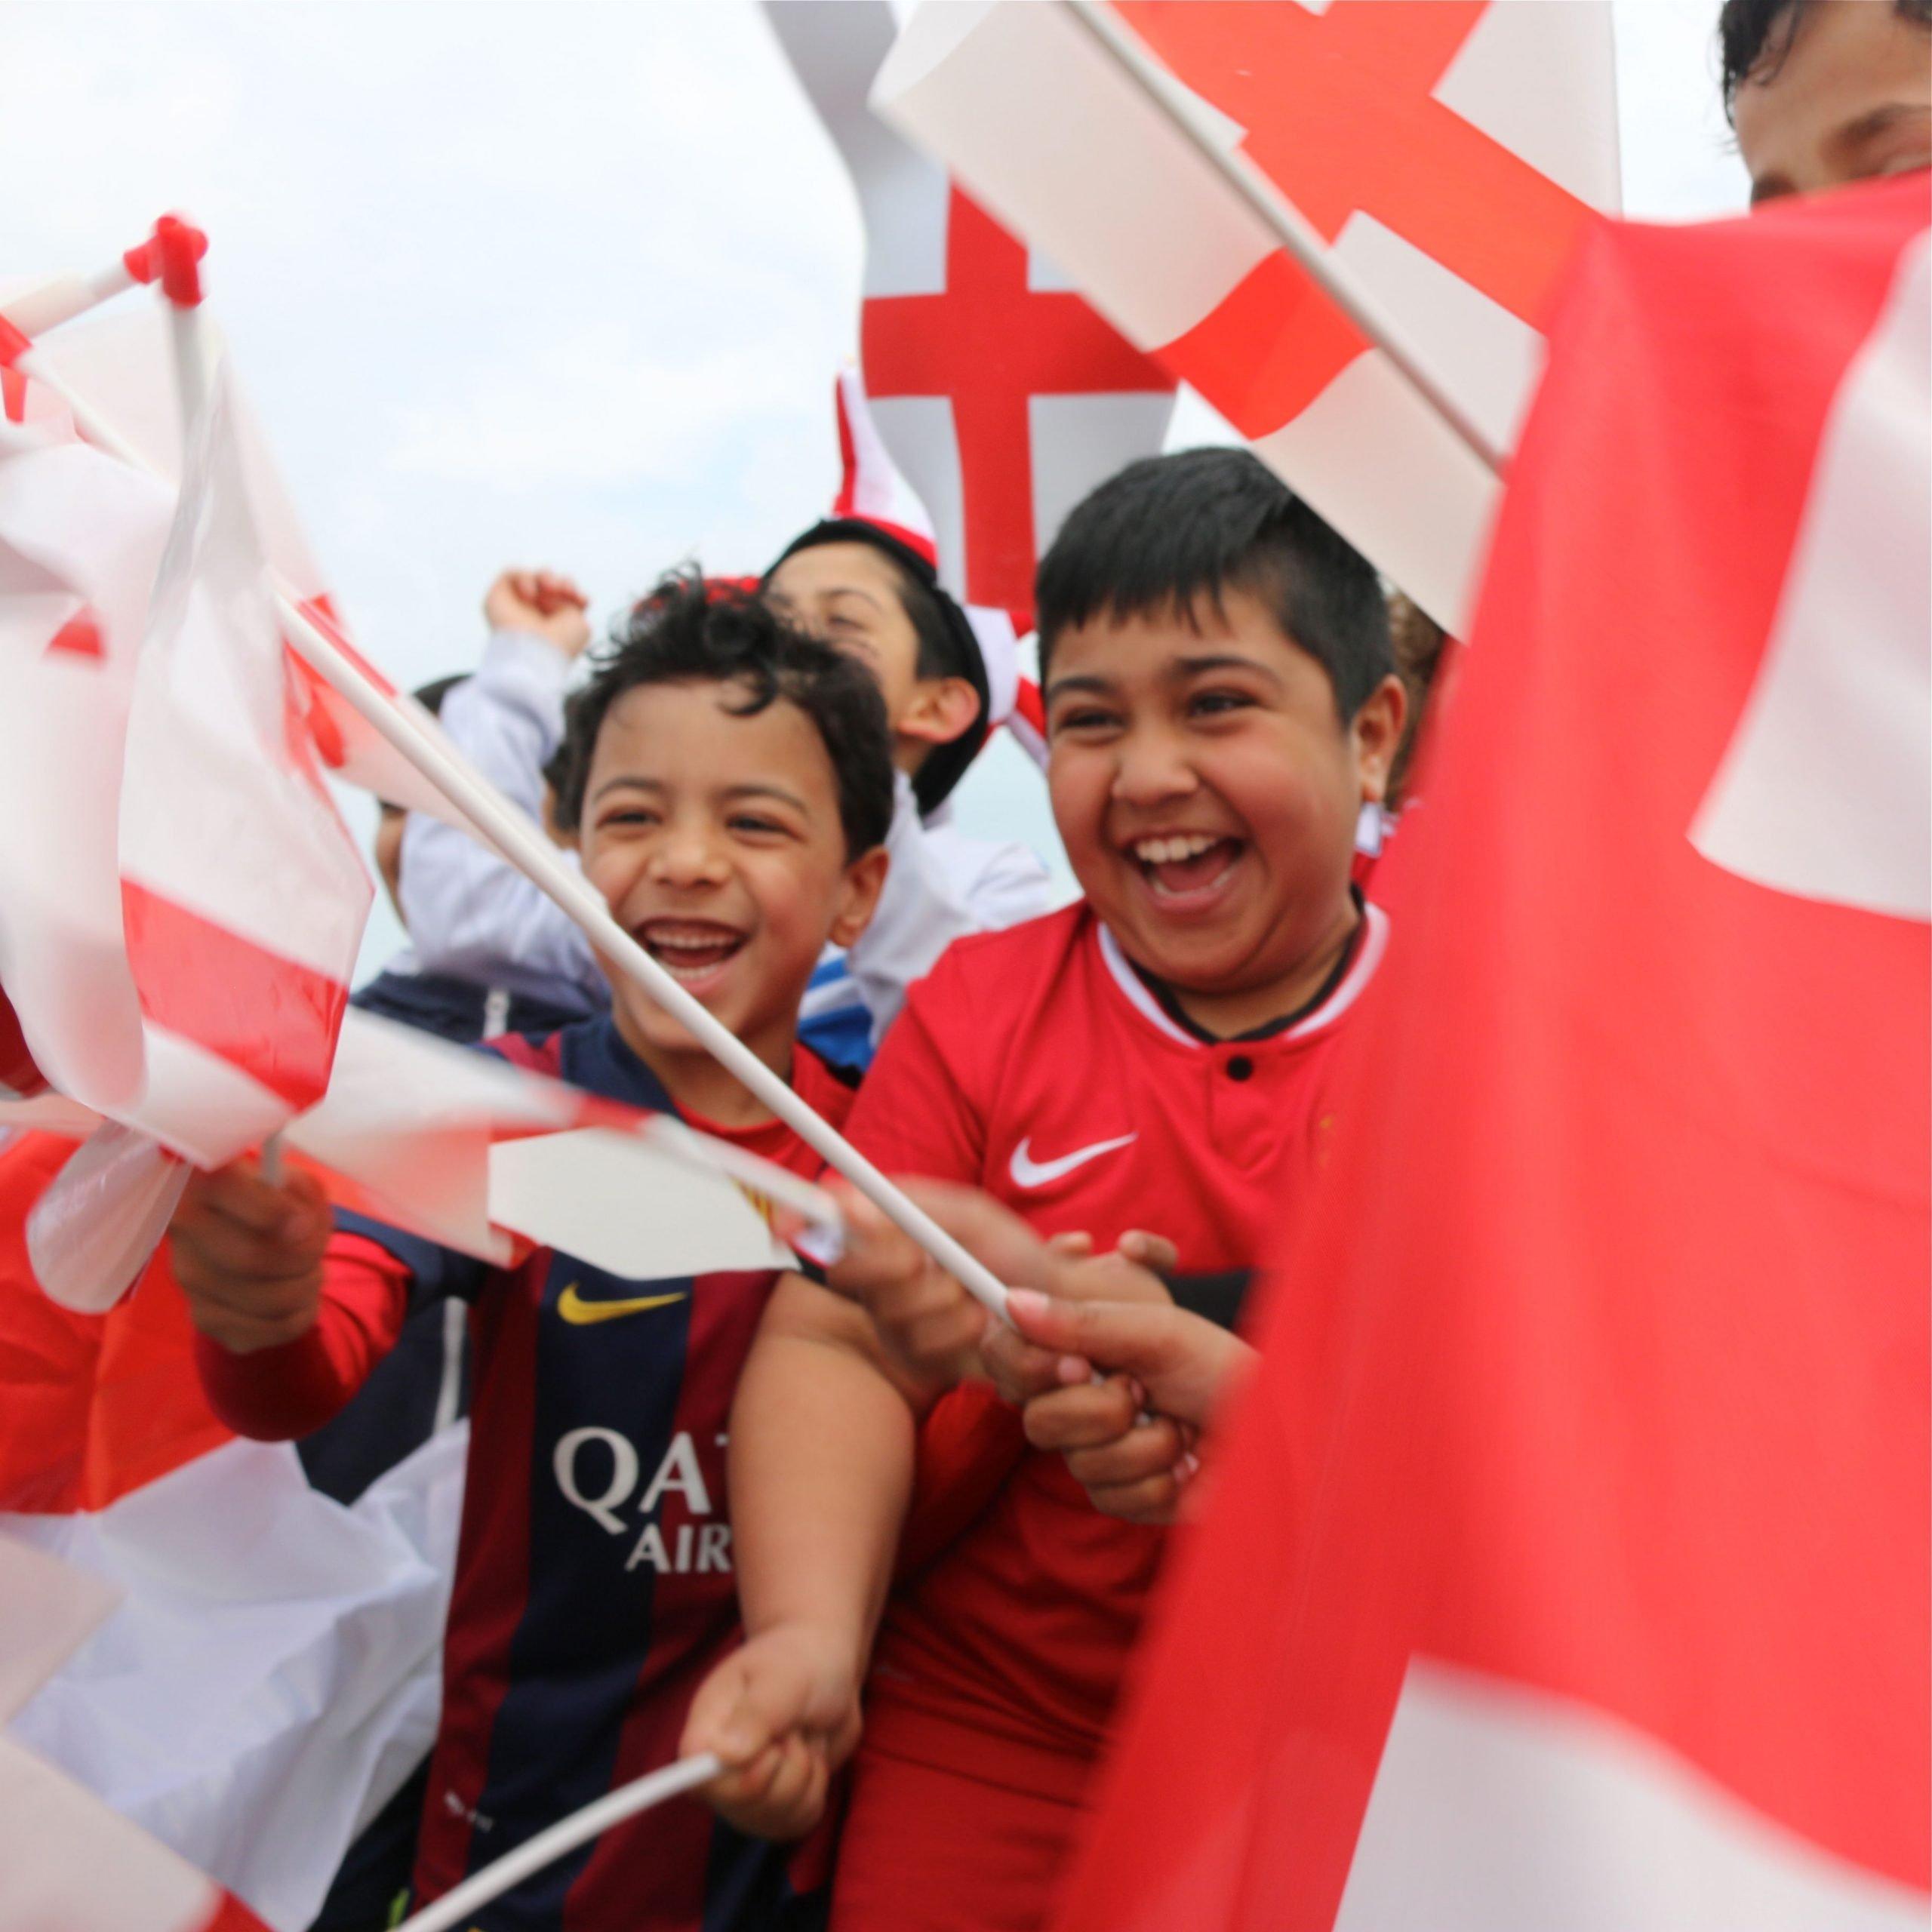 England 6 Racism 0